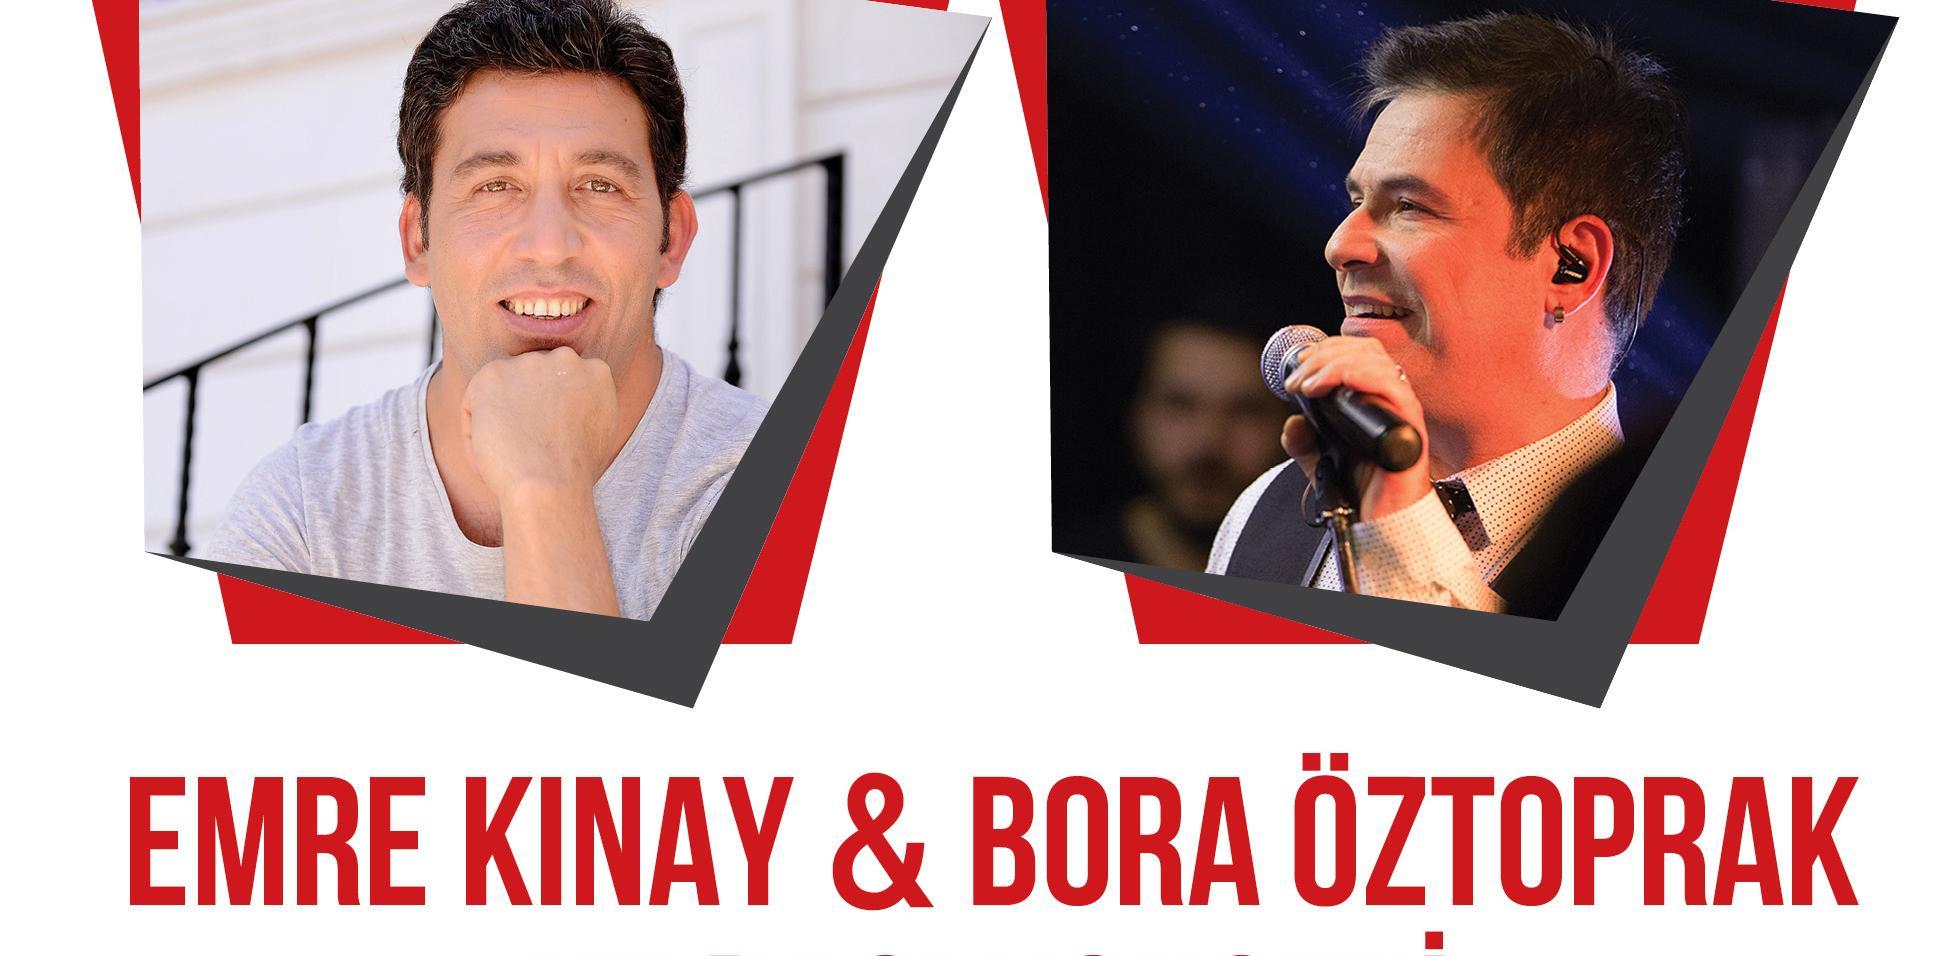 Tepe Nautilus'ta büyük yılbaşı konseri; Emre Kınay & Bora Öztoprak